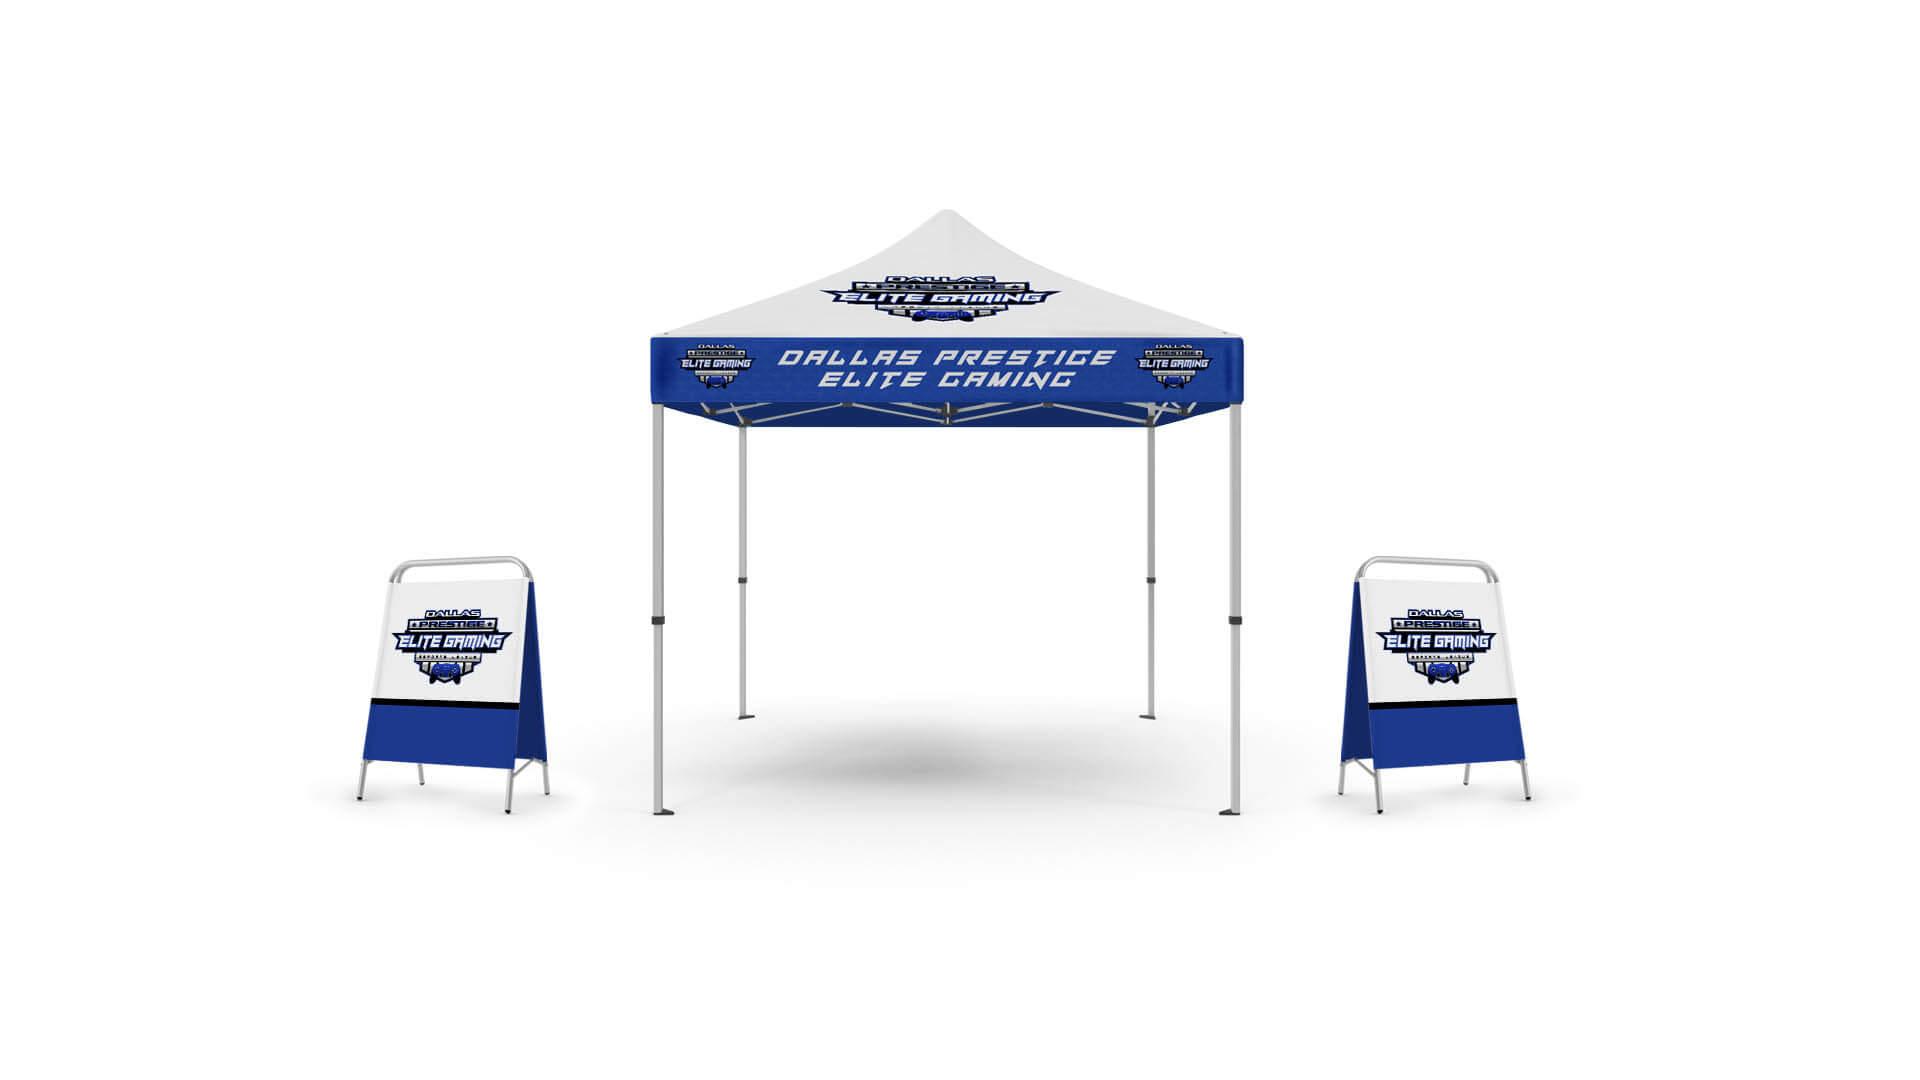 Dallas Prestige canopy